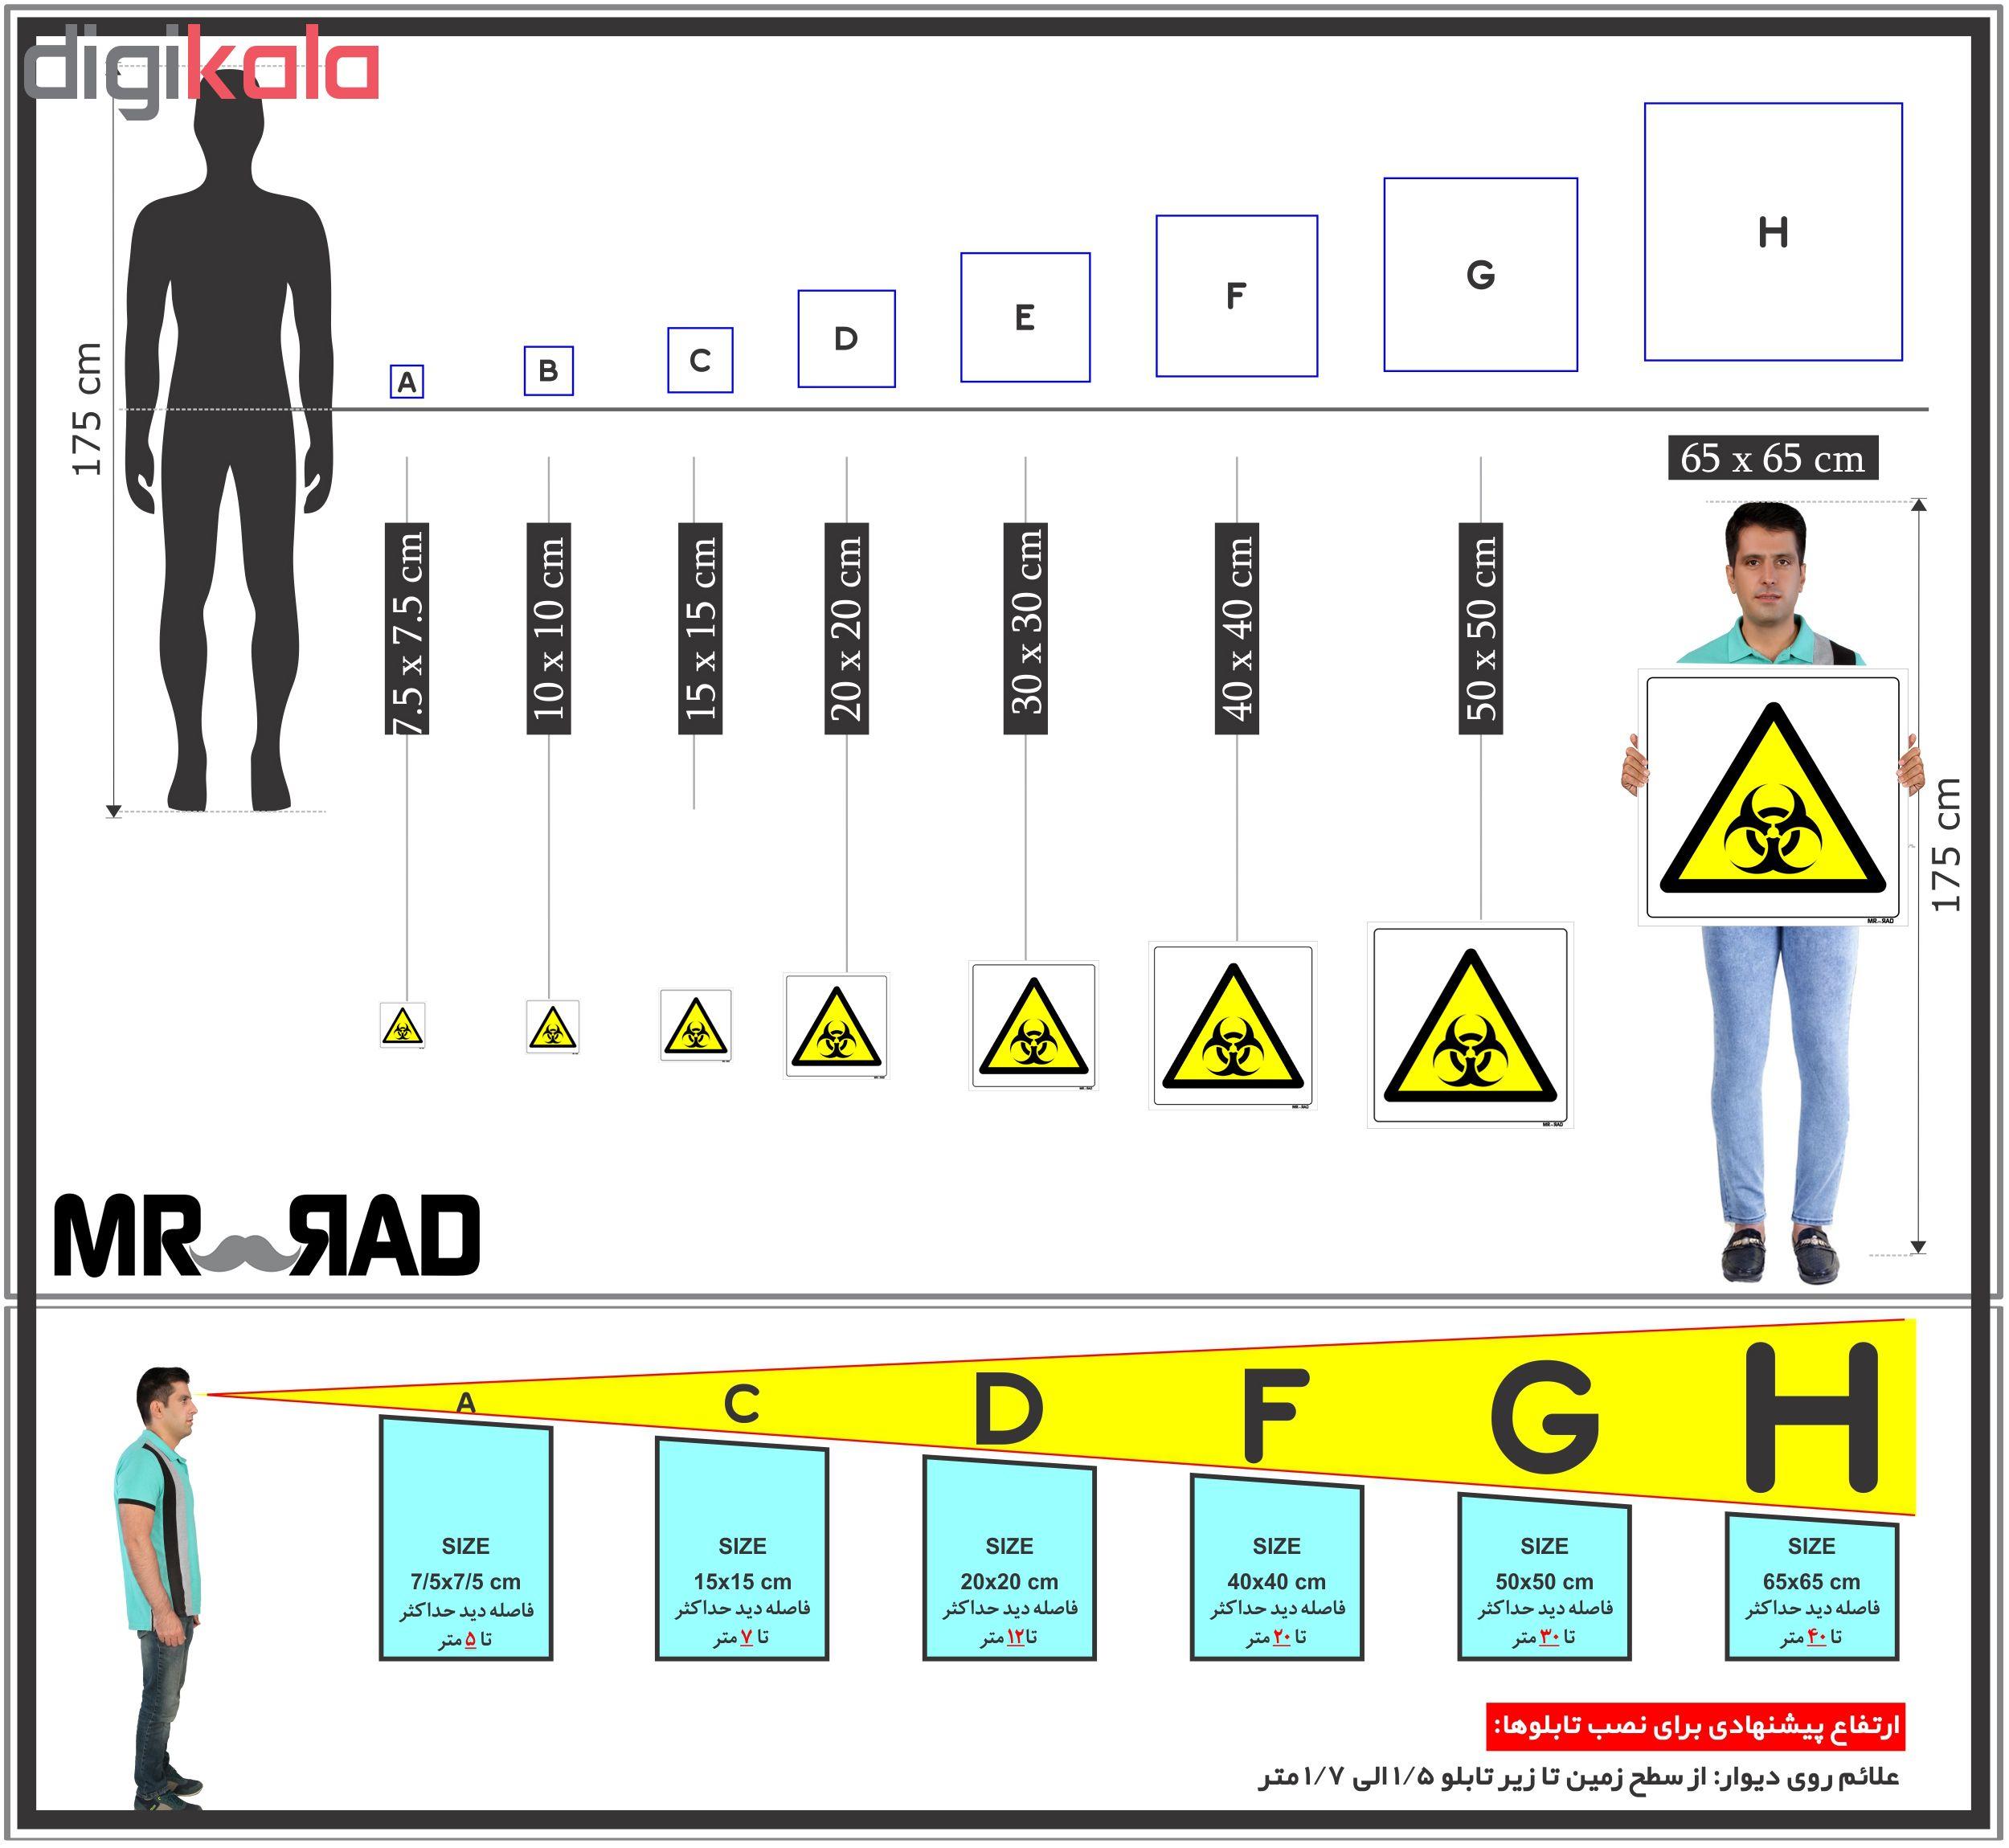 برچسب ایمنی FG طرح هشدار مواد عفونی کد LY00076 بسته دو عددی